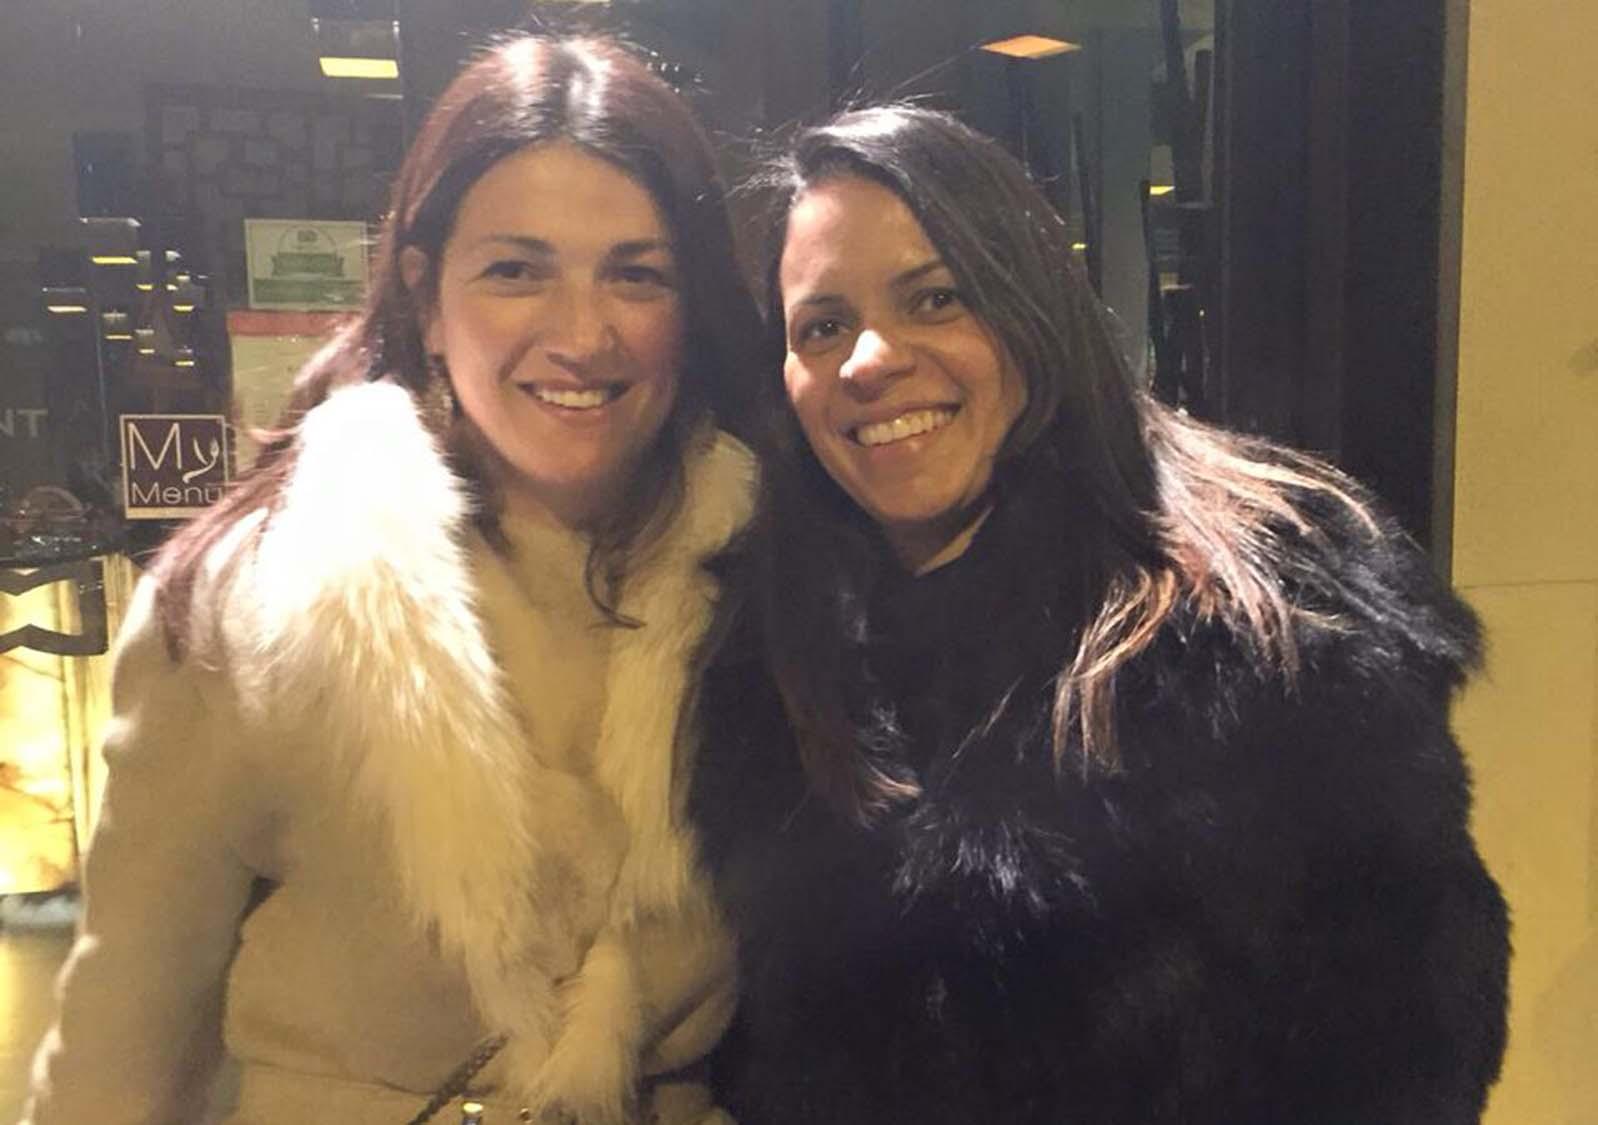 Luzia Bota a de preto, é a aniversariante de hoje dia 13, na foto ela está com Kátia Vucic very importnat person da moda